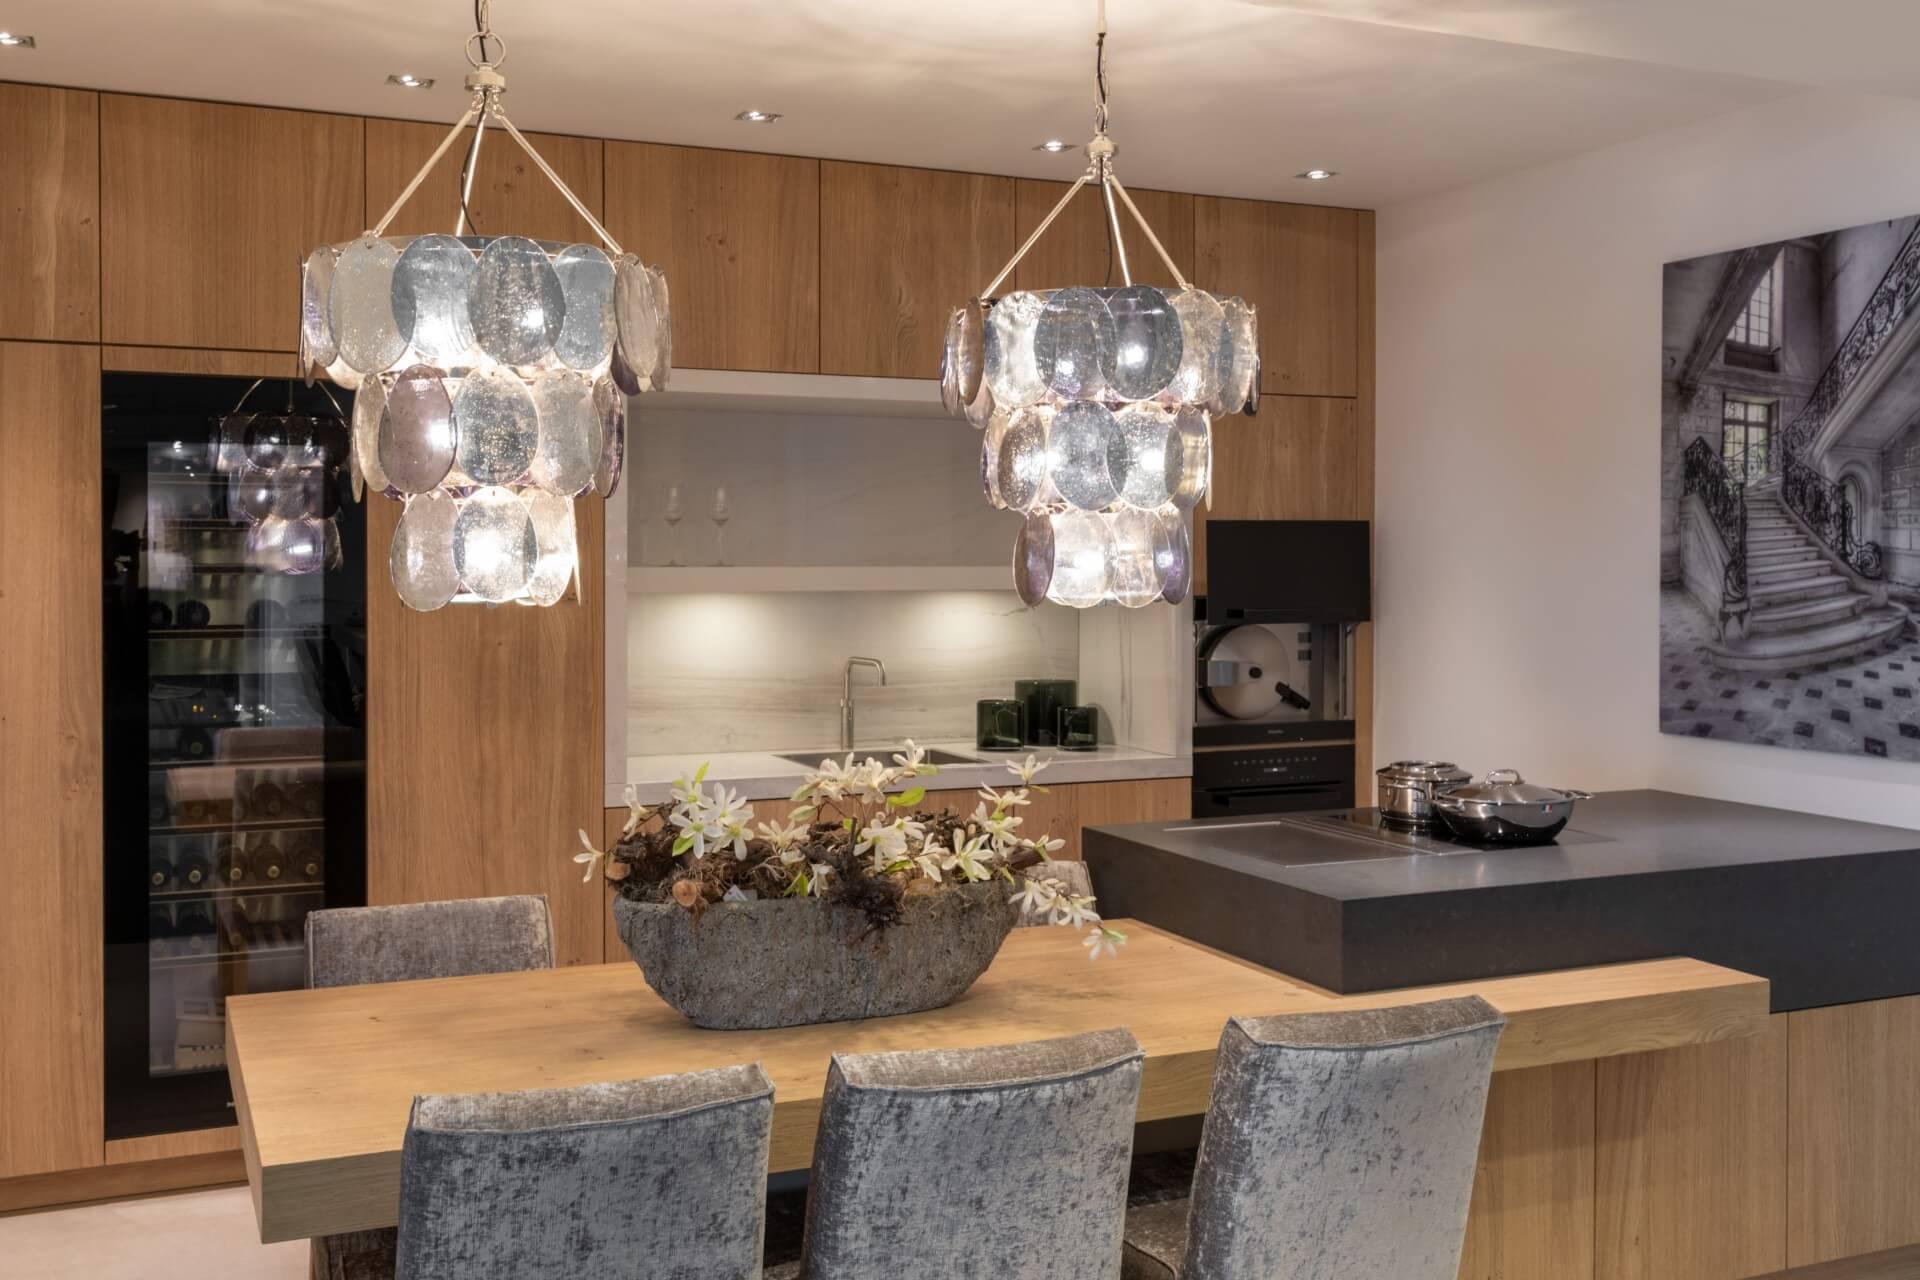 Eikenhouten tip on keuken met Miele apparatuur | Barneveld